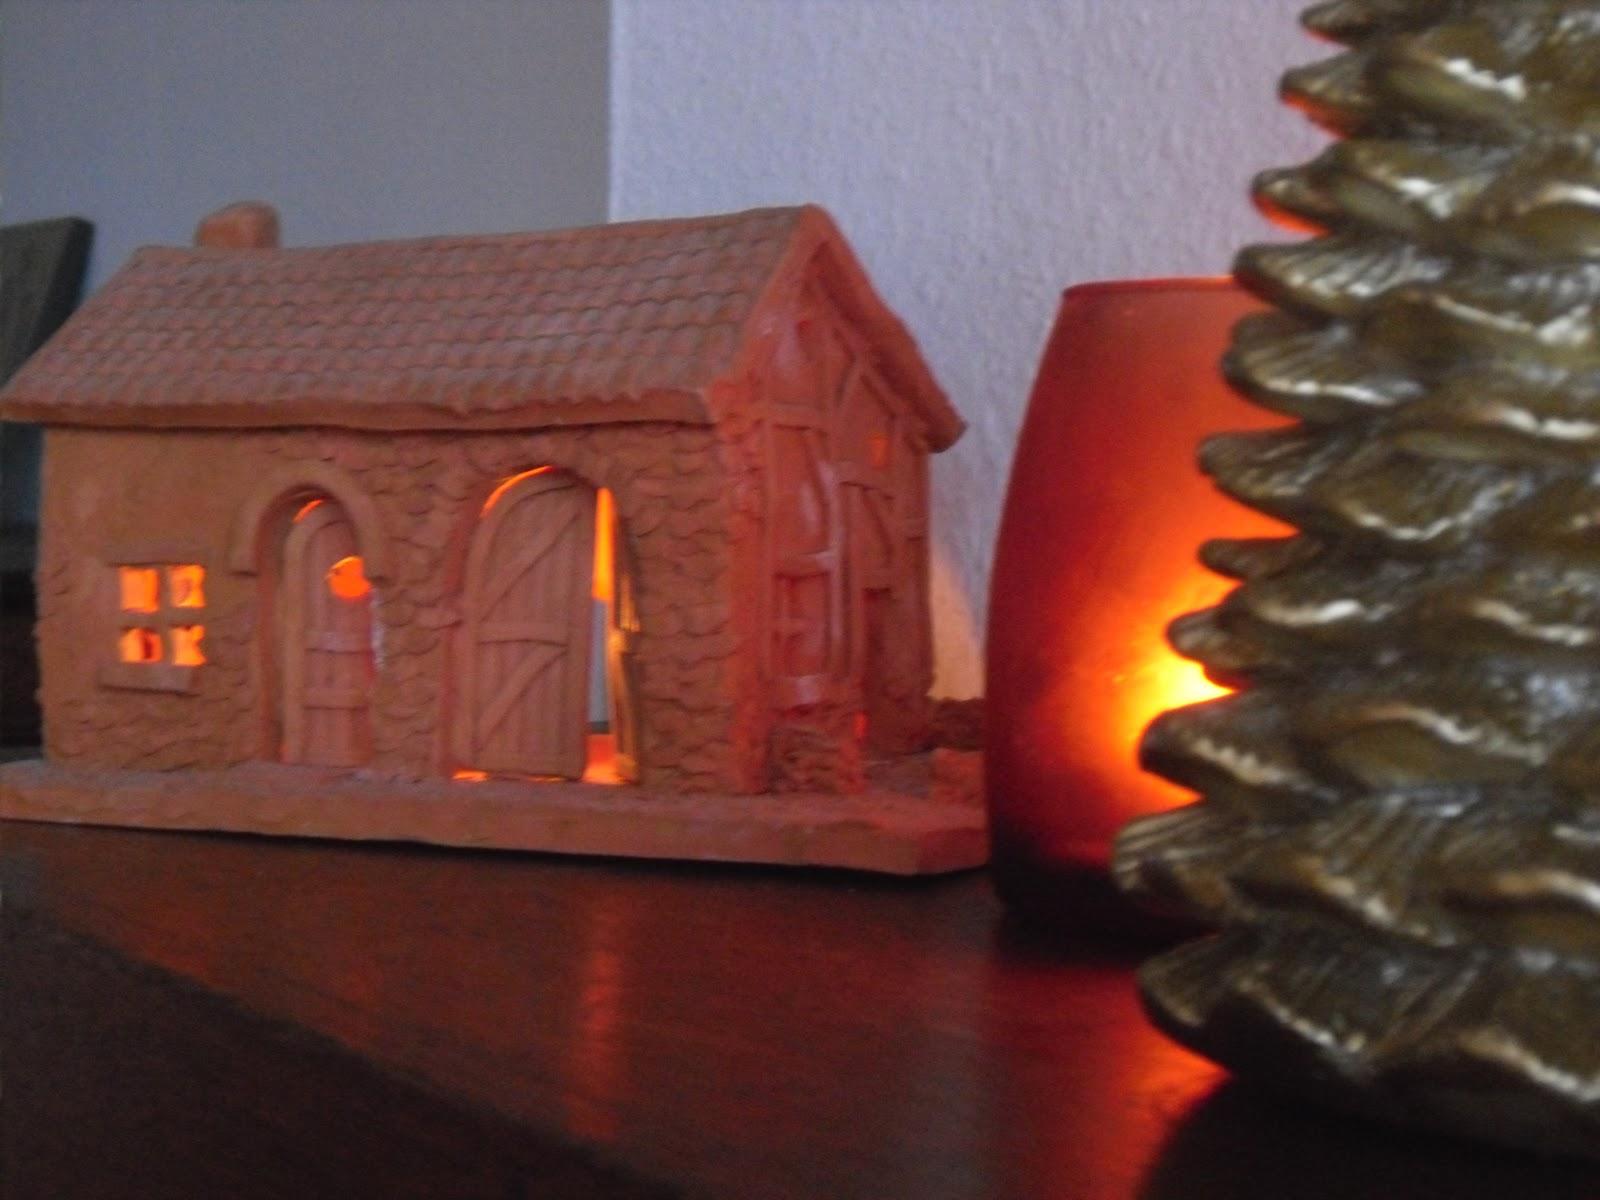 Petite maison en terre cuite images - Maison en terre cuite ...